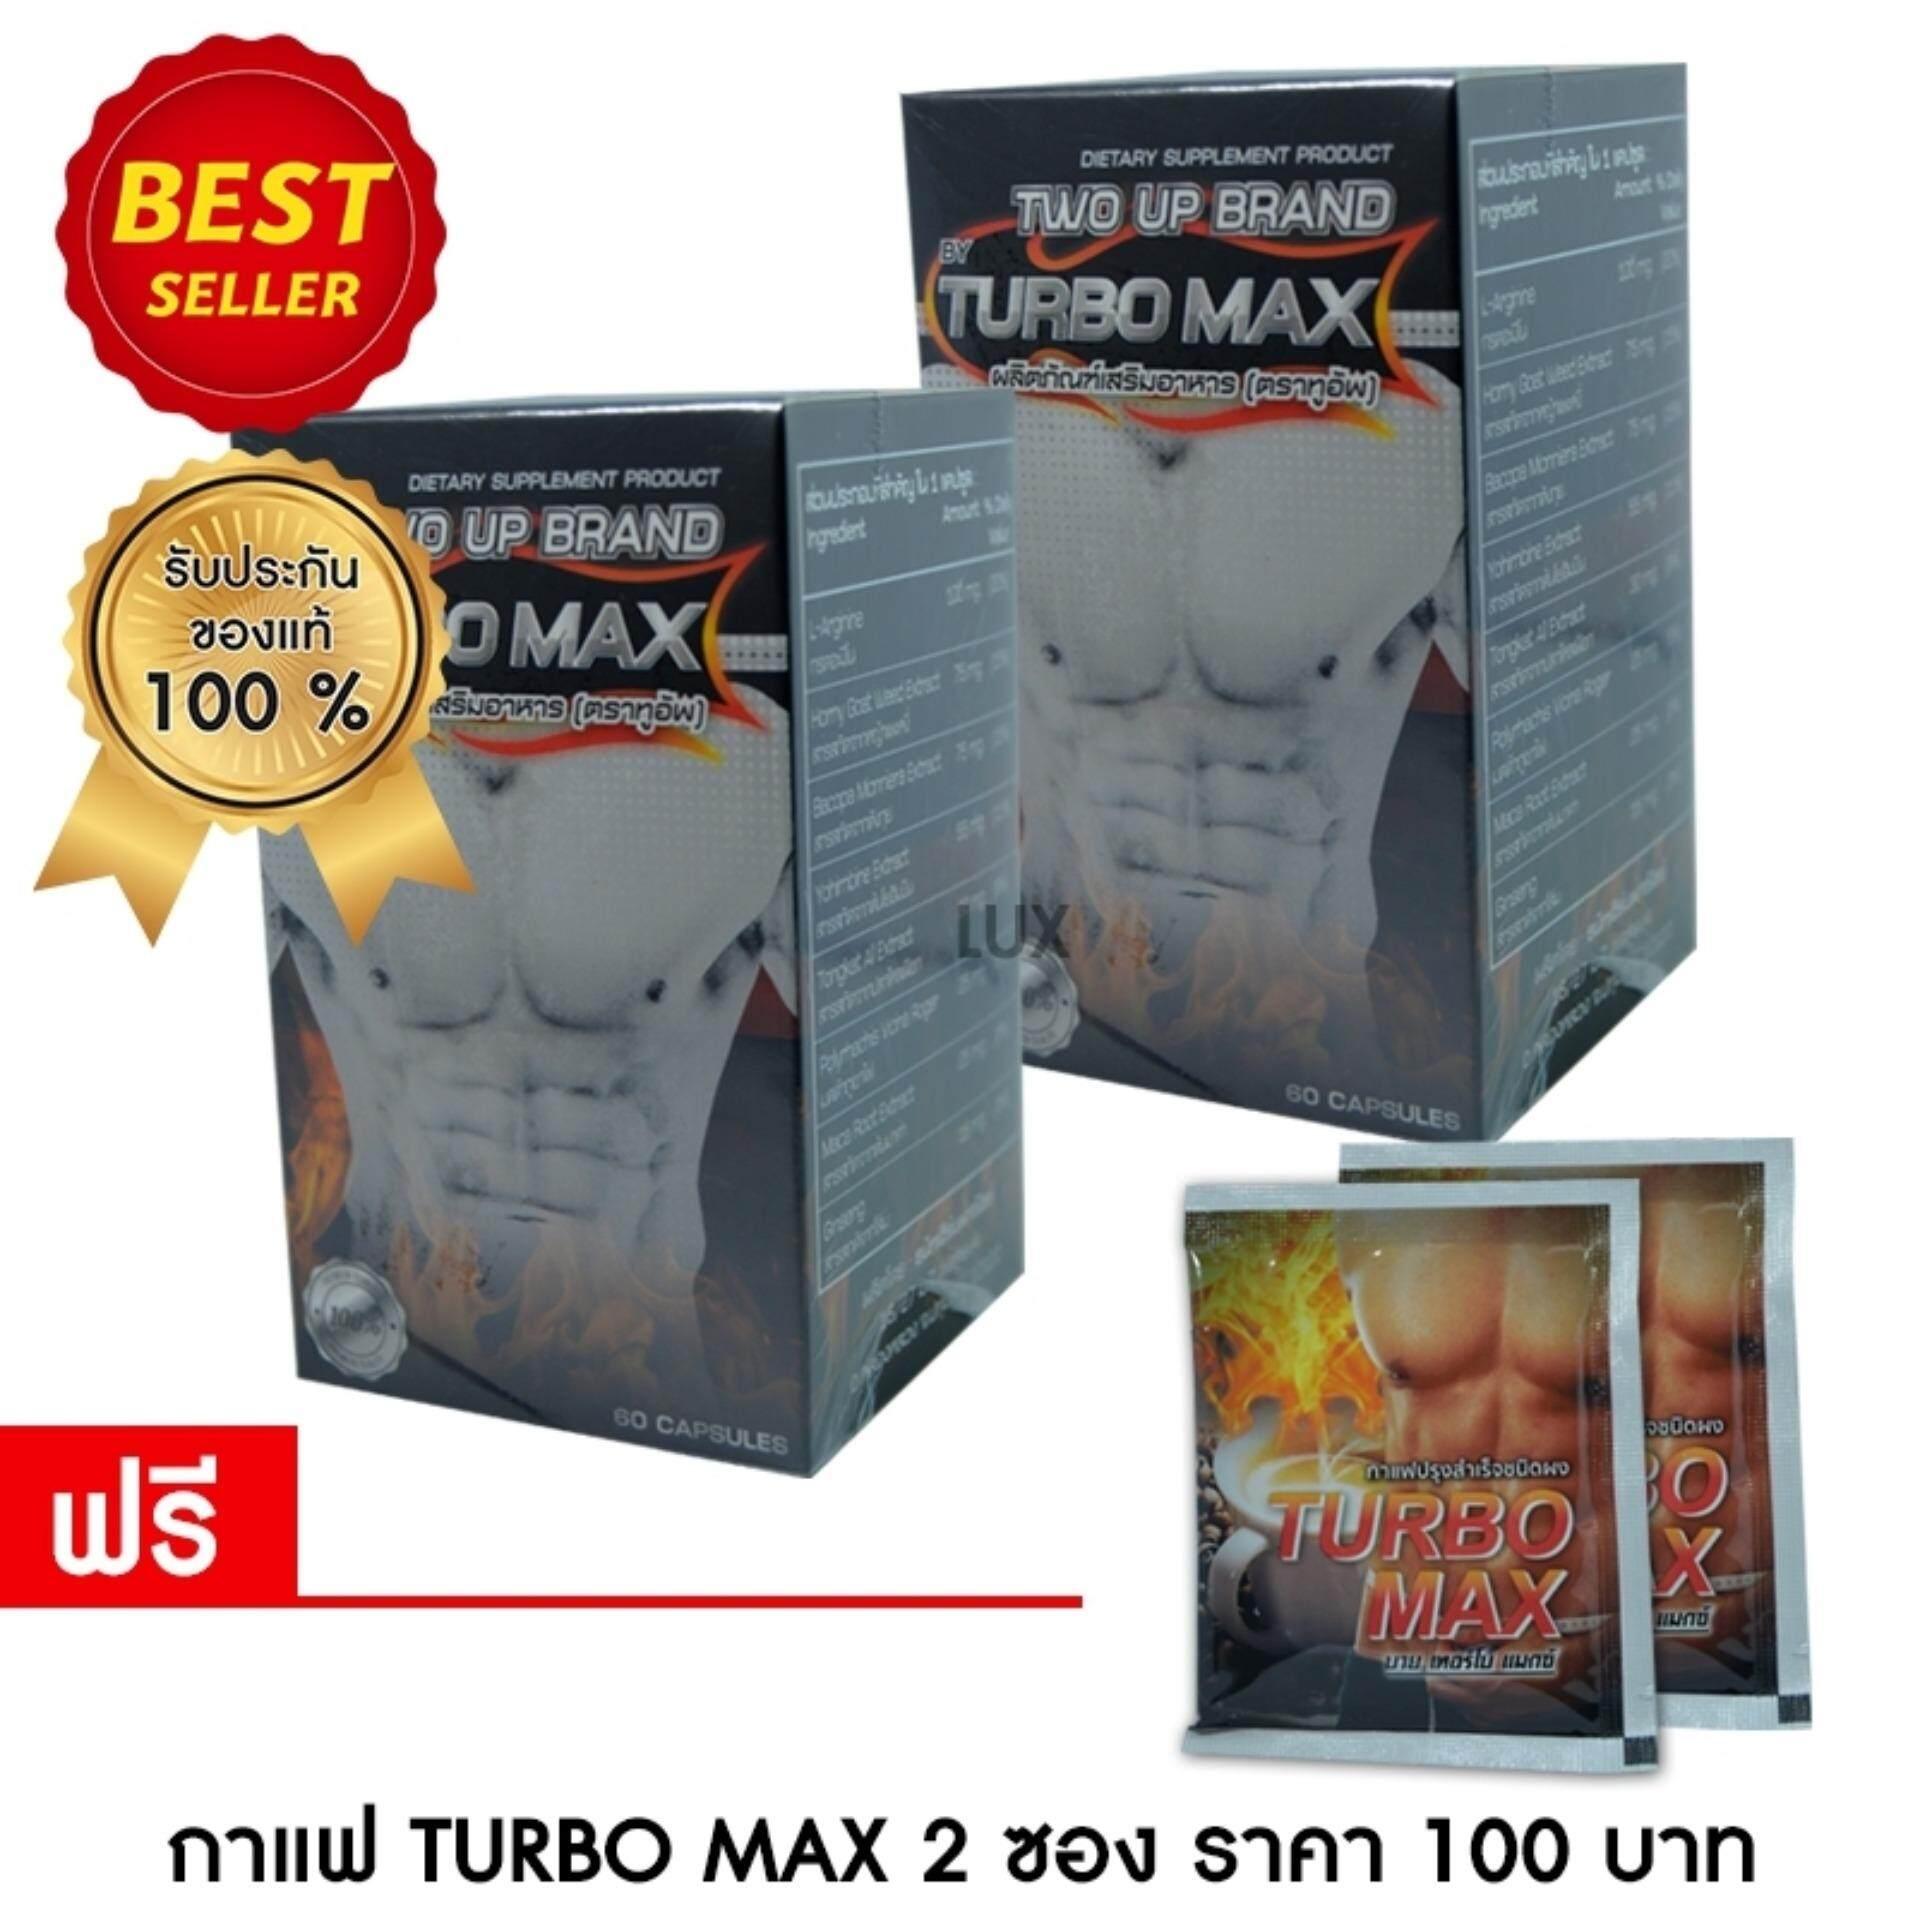 TURBO MAX อาหารเสริมสมรรถภาพ เพิ่มขนาด สำหรับผู้ชาย 60 แคปซูล 2 ขวดแถมฟรี กาแฟ Turbo max 2 ซอง มูลค่า 100 บาท